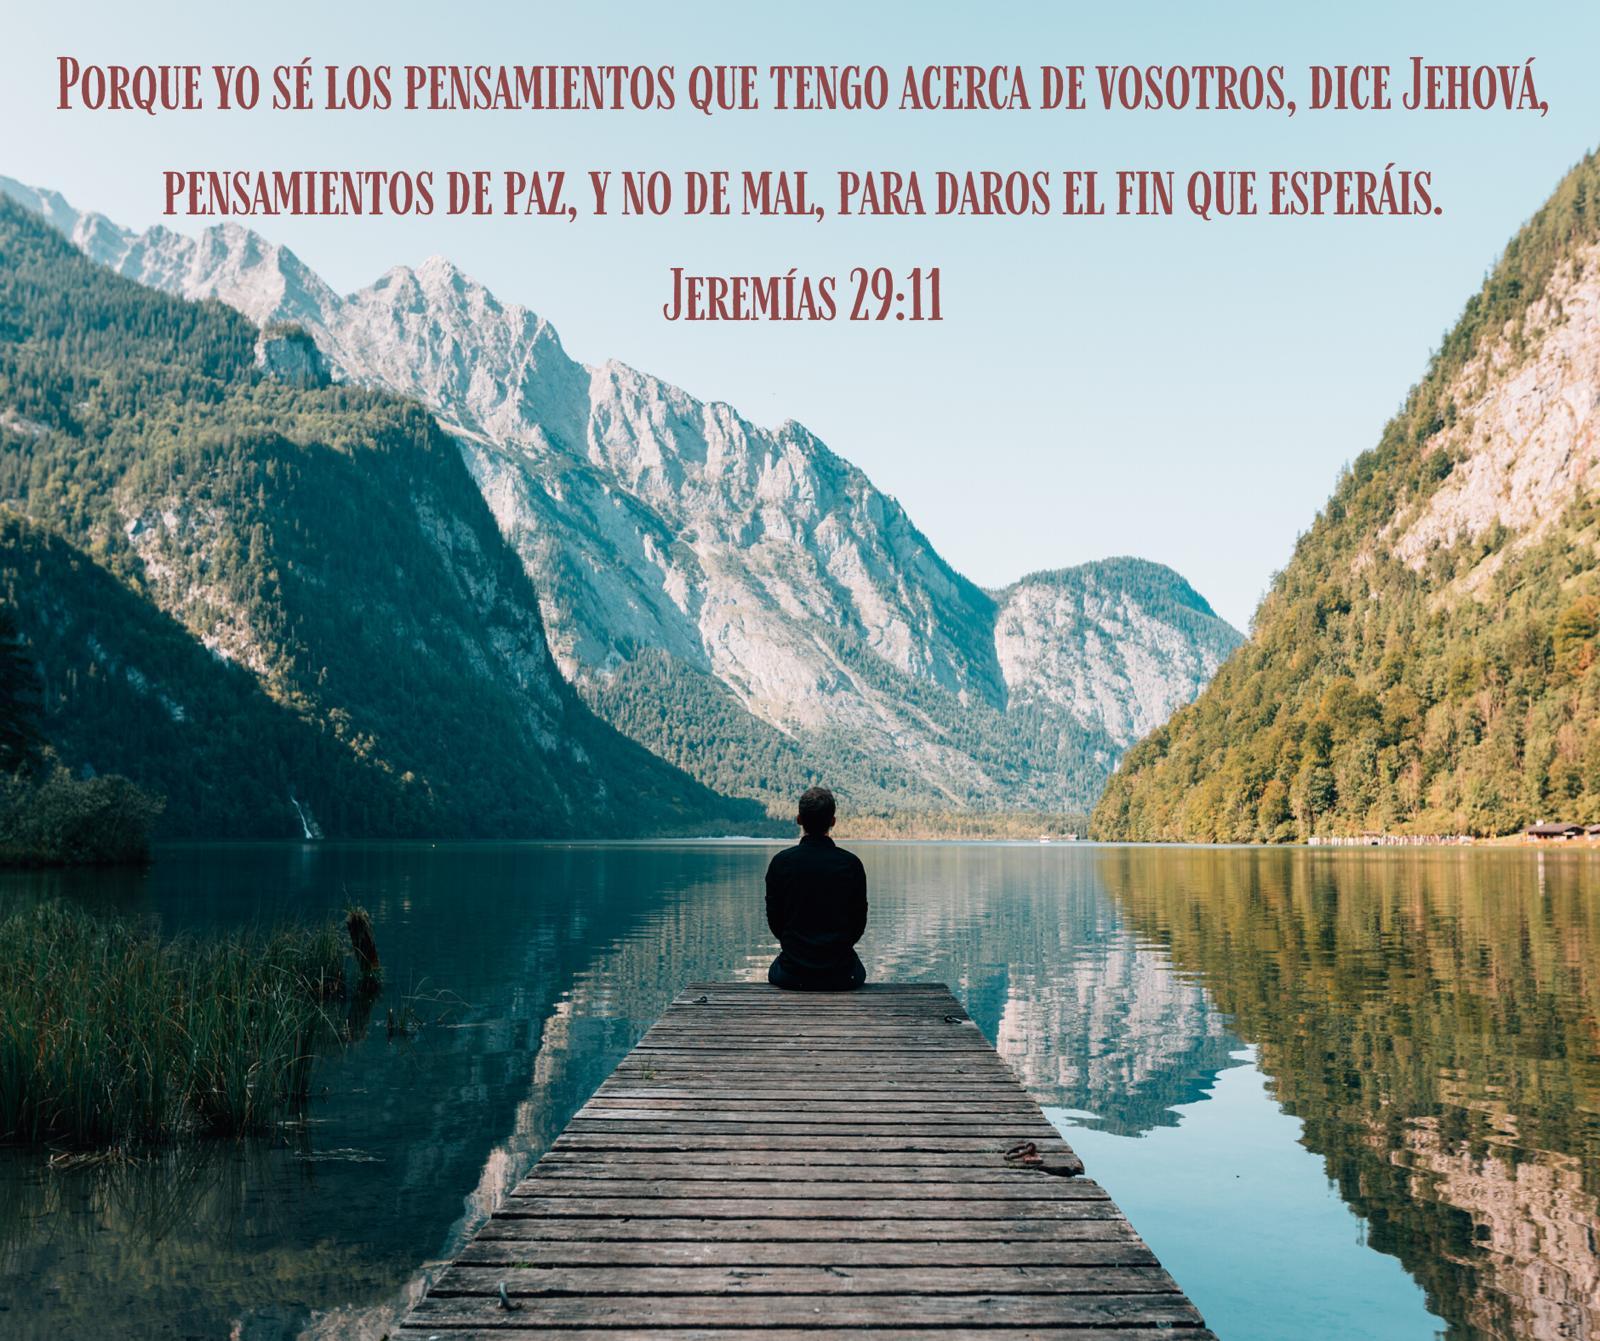 Versículos de Poder - Iglesia El Redentor